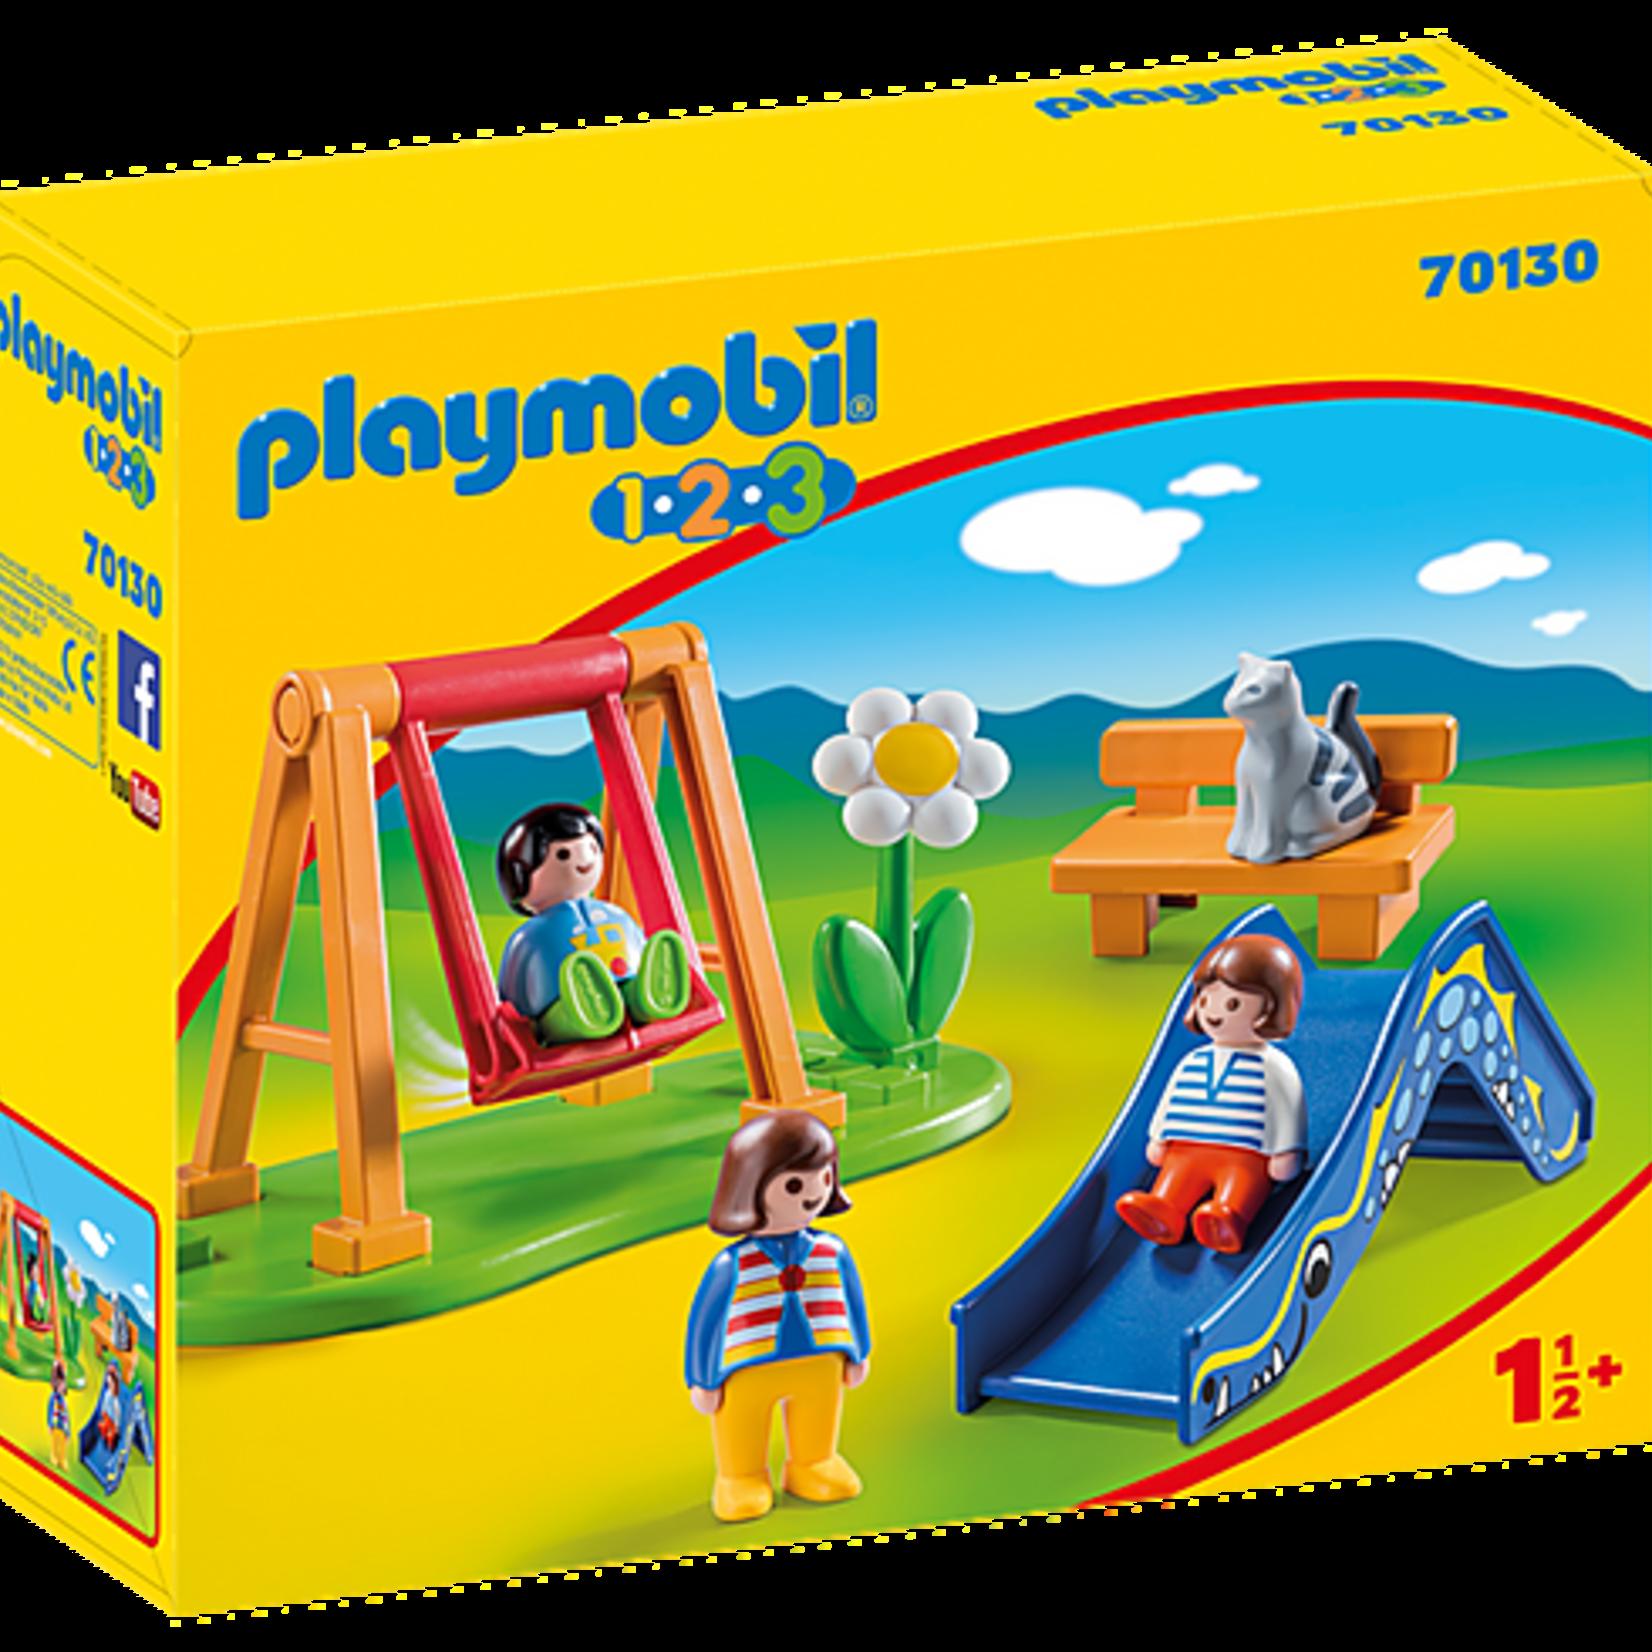 Playmobil Children's Playground - Playmobil 1,2,3  70130